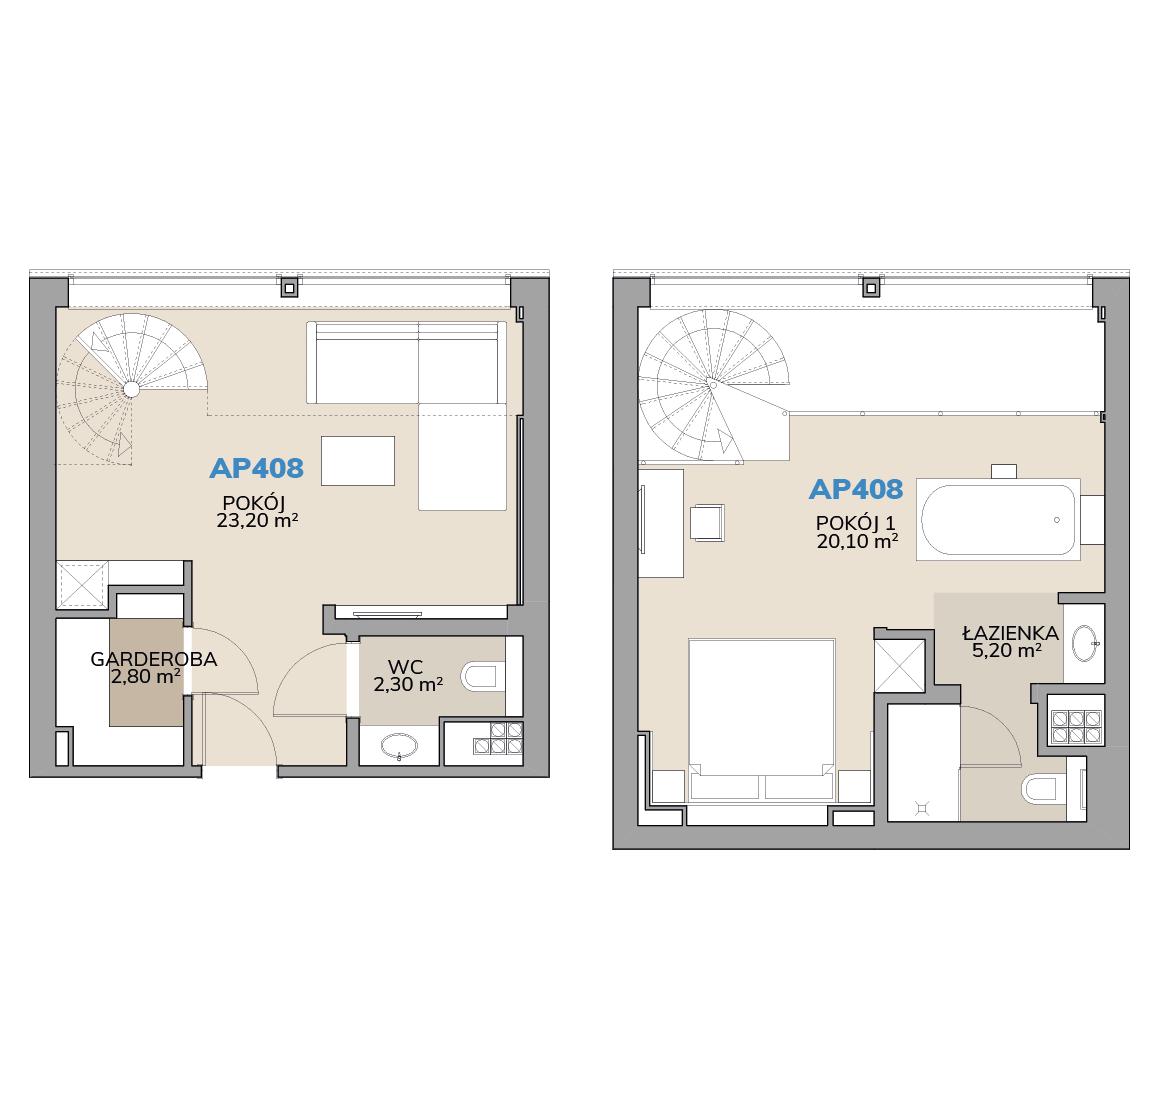 Apartament AP408